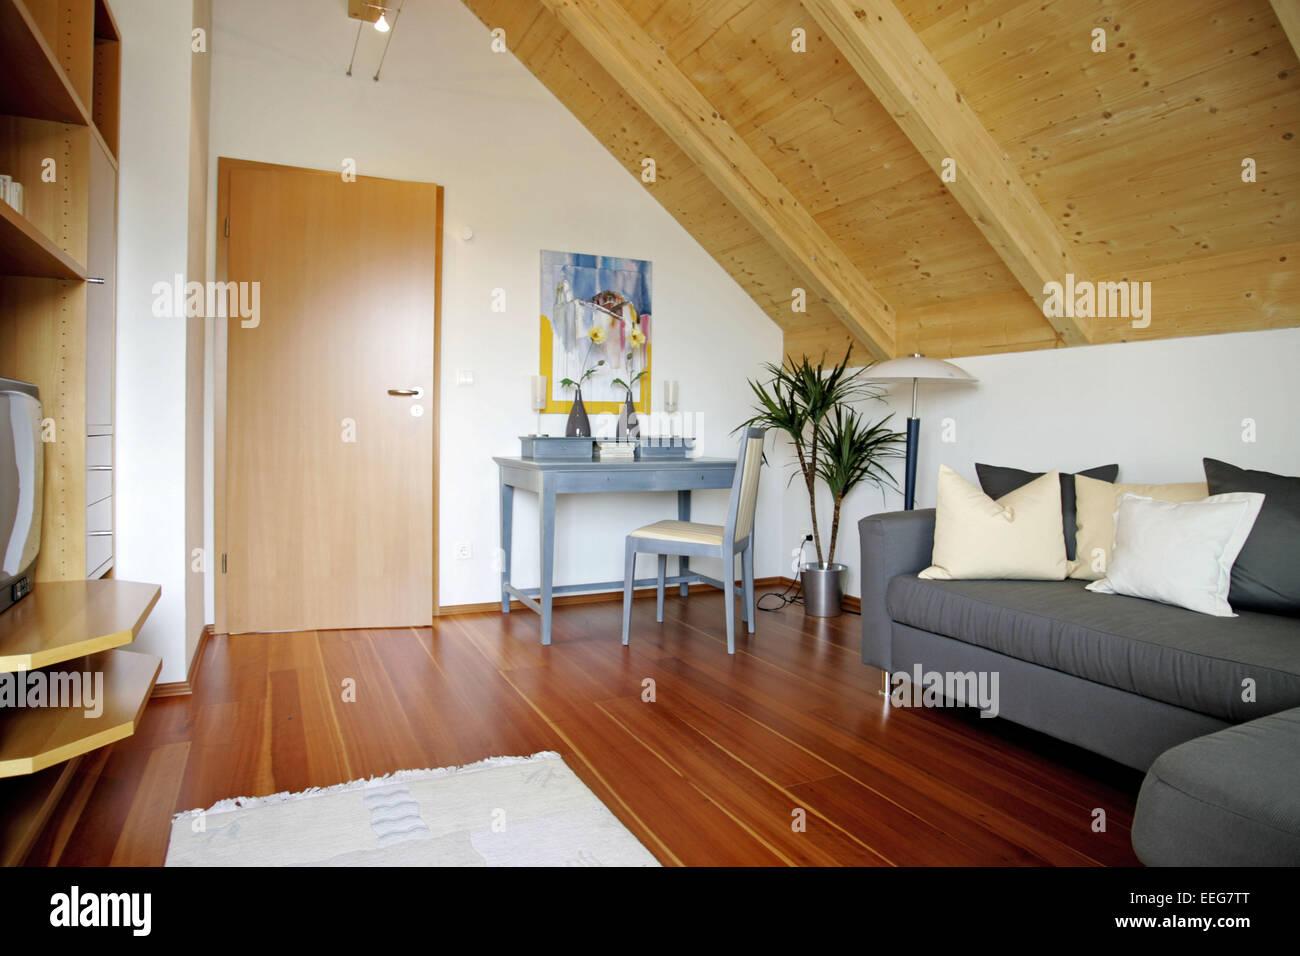 Gaestezimmer Wohnen Innenaufnahme Inneneinrichtung Wohnung Wohnraum  Einrichtung Moebel Mobiliar Modern Interieur Tisch Stuhl Woh